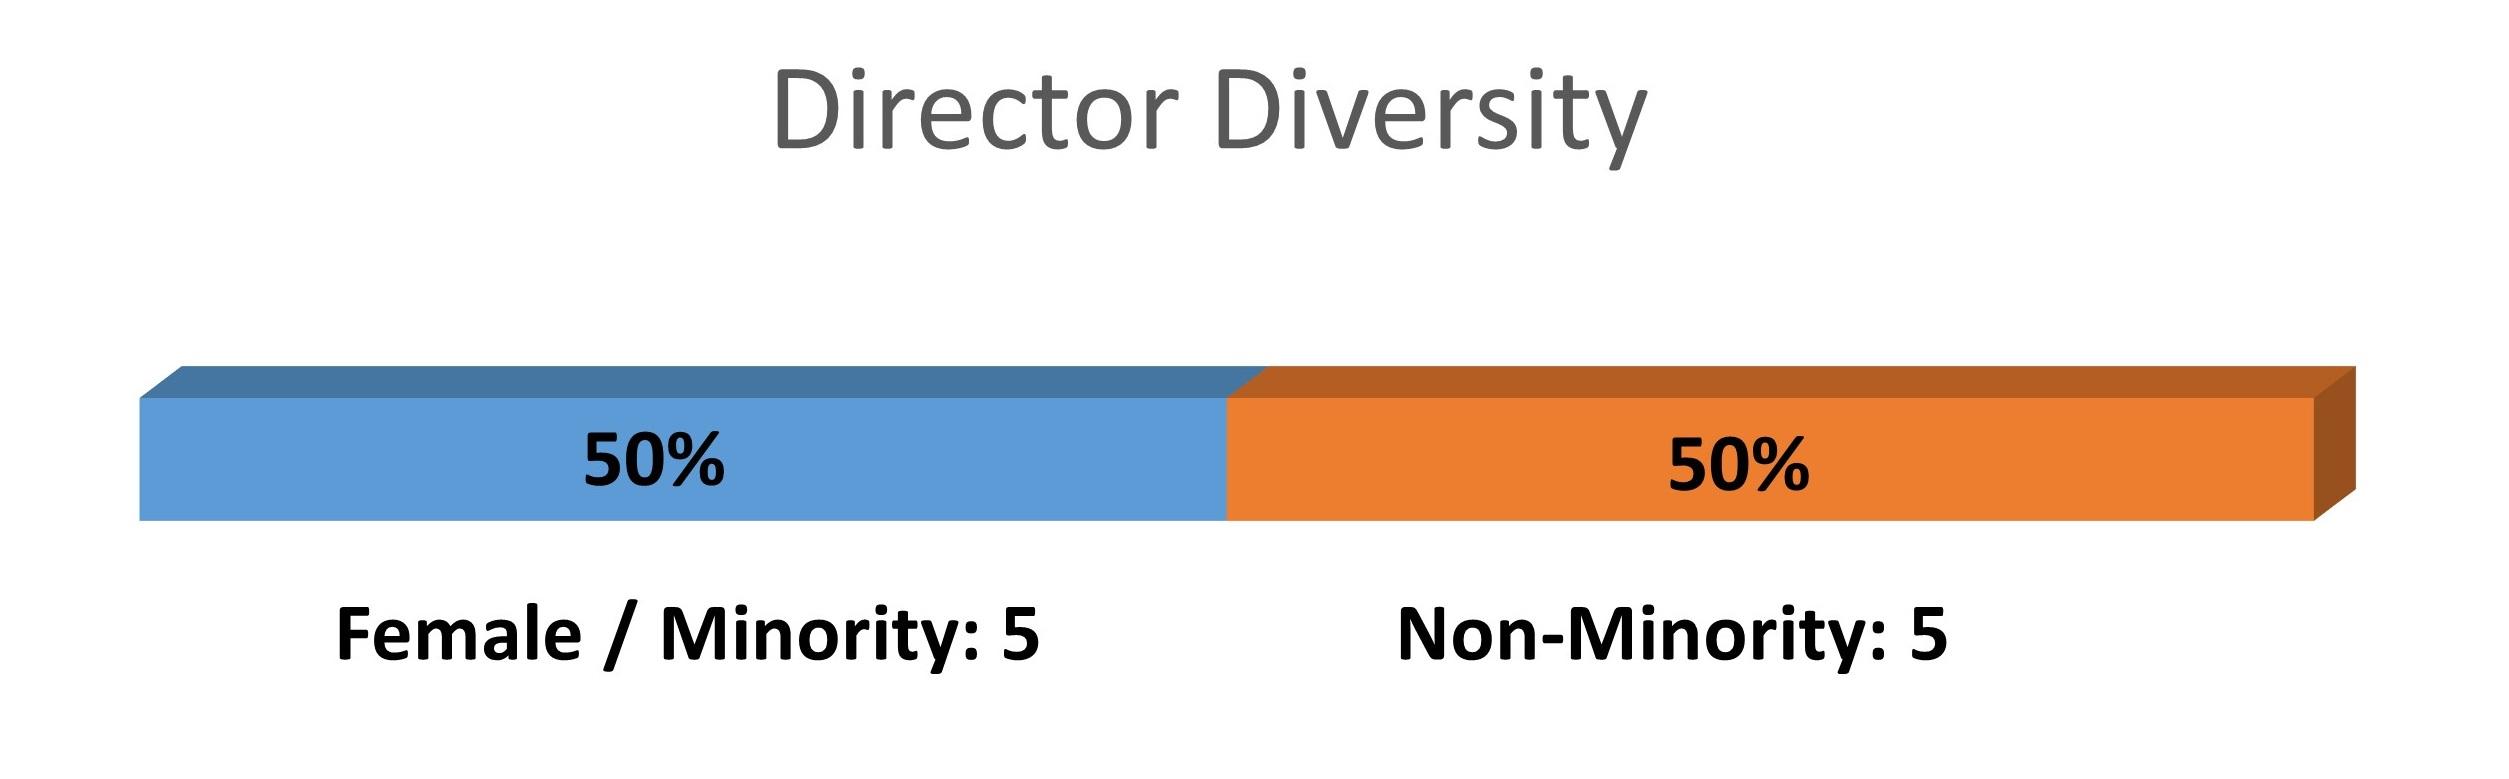 DIRECTORDIVERSITY2017.JPG